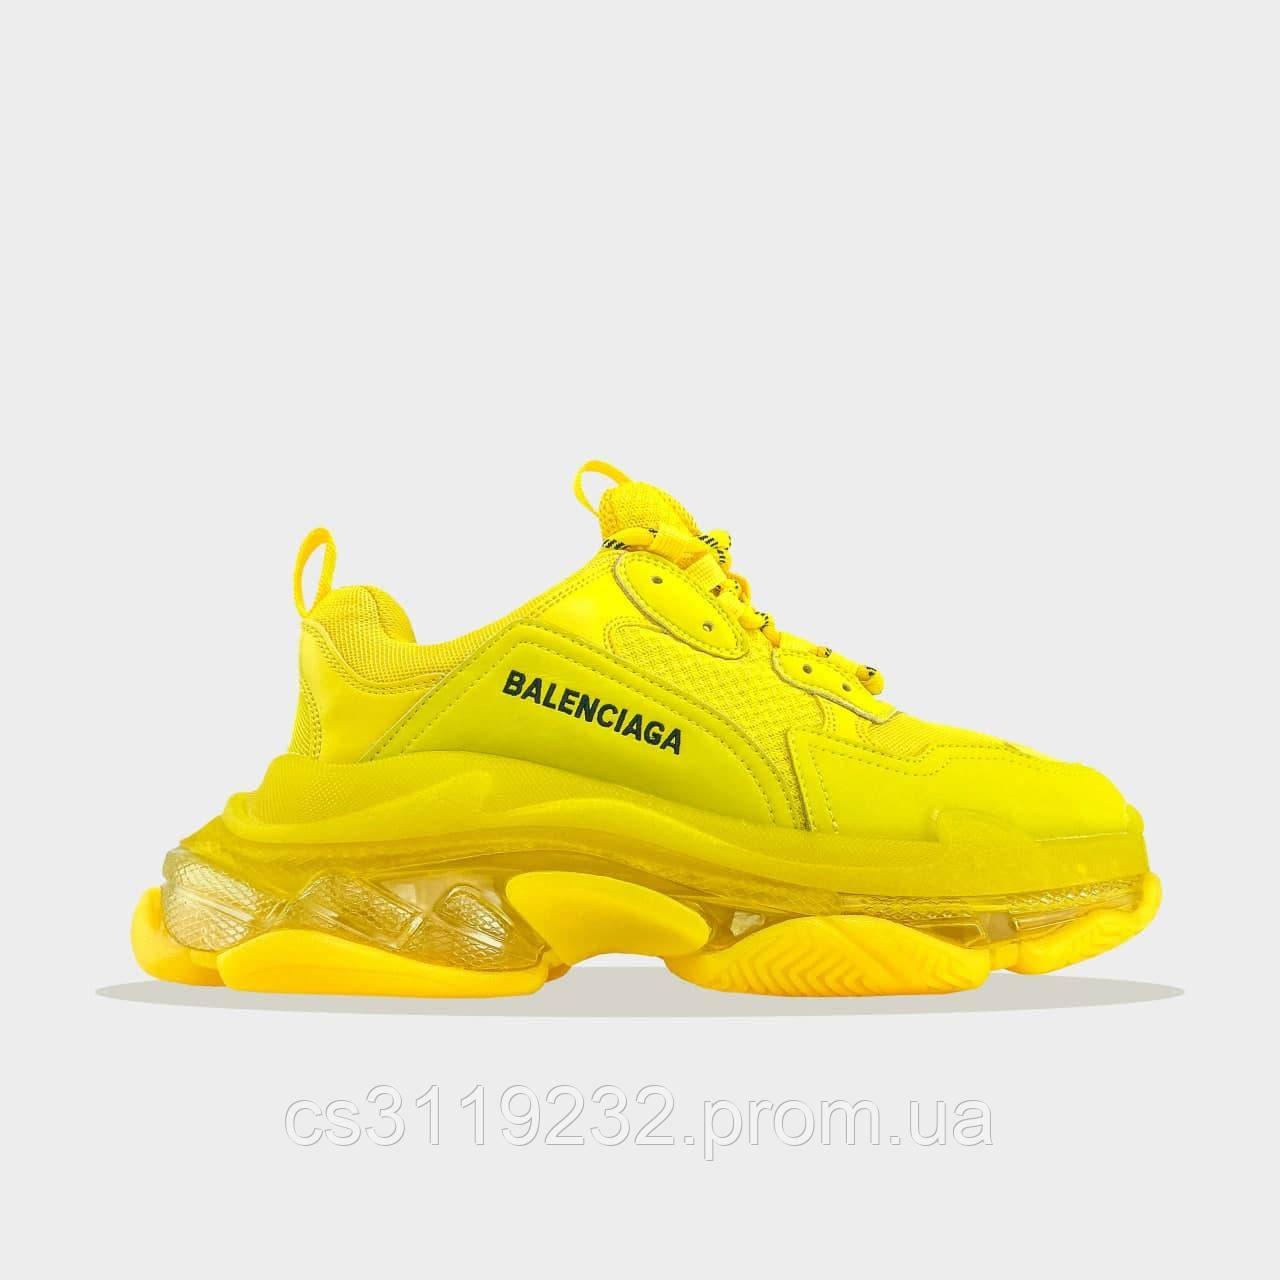 Чоловічі кросівки Balenciaga Triple S Full Yellow (жовті)